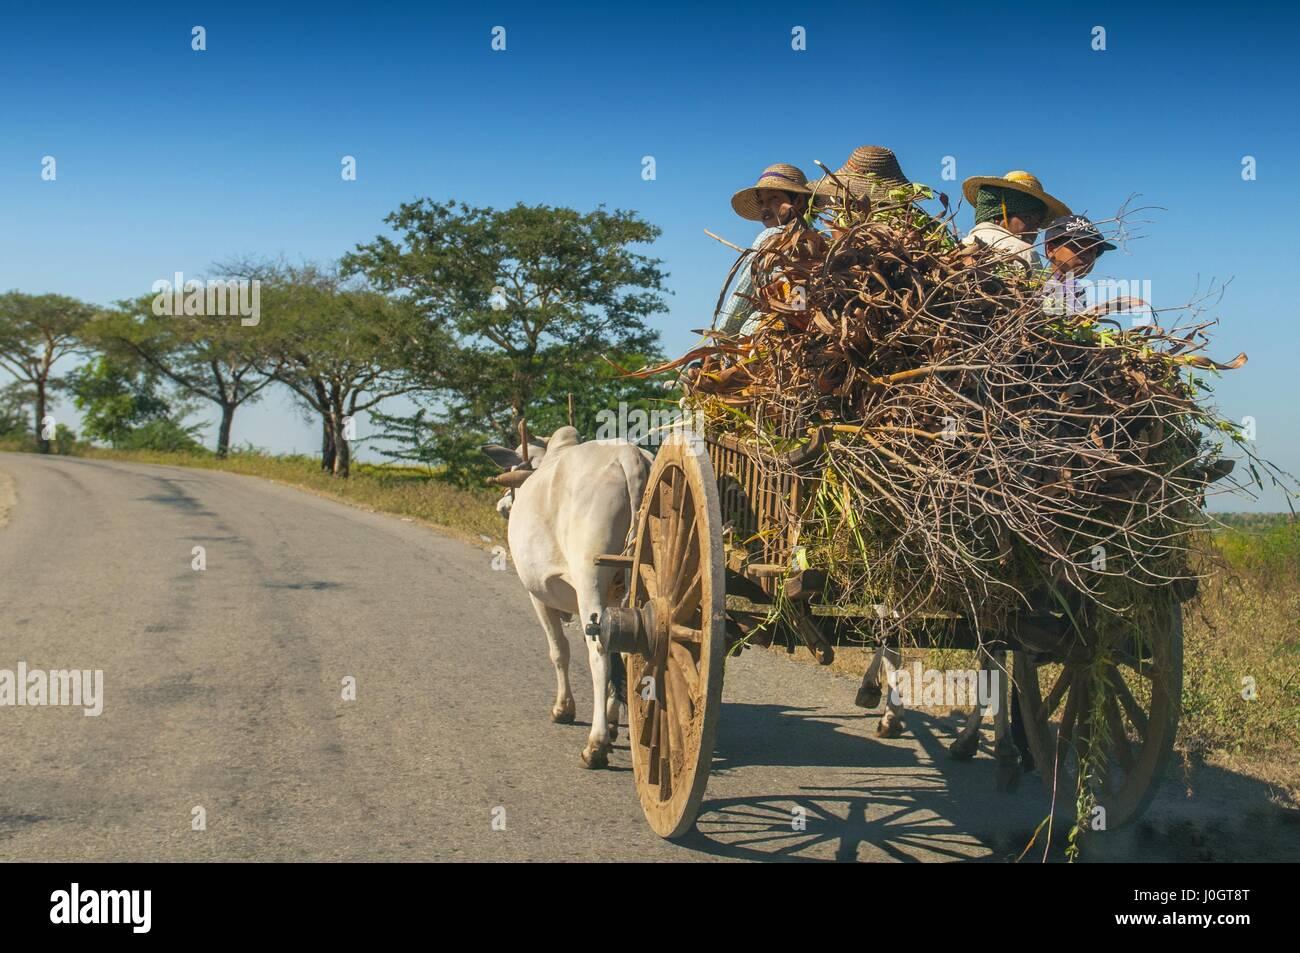 El hombre rural birmana conduce carro de madera con heno en carretera polvorienta dibujado por dos búfalos blancos. Paisaje rural y tradicional aldea la vida en Birmania count Foto de stock